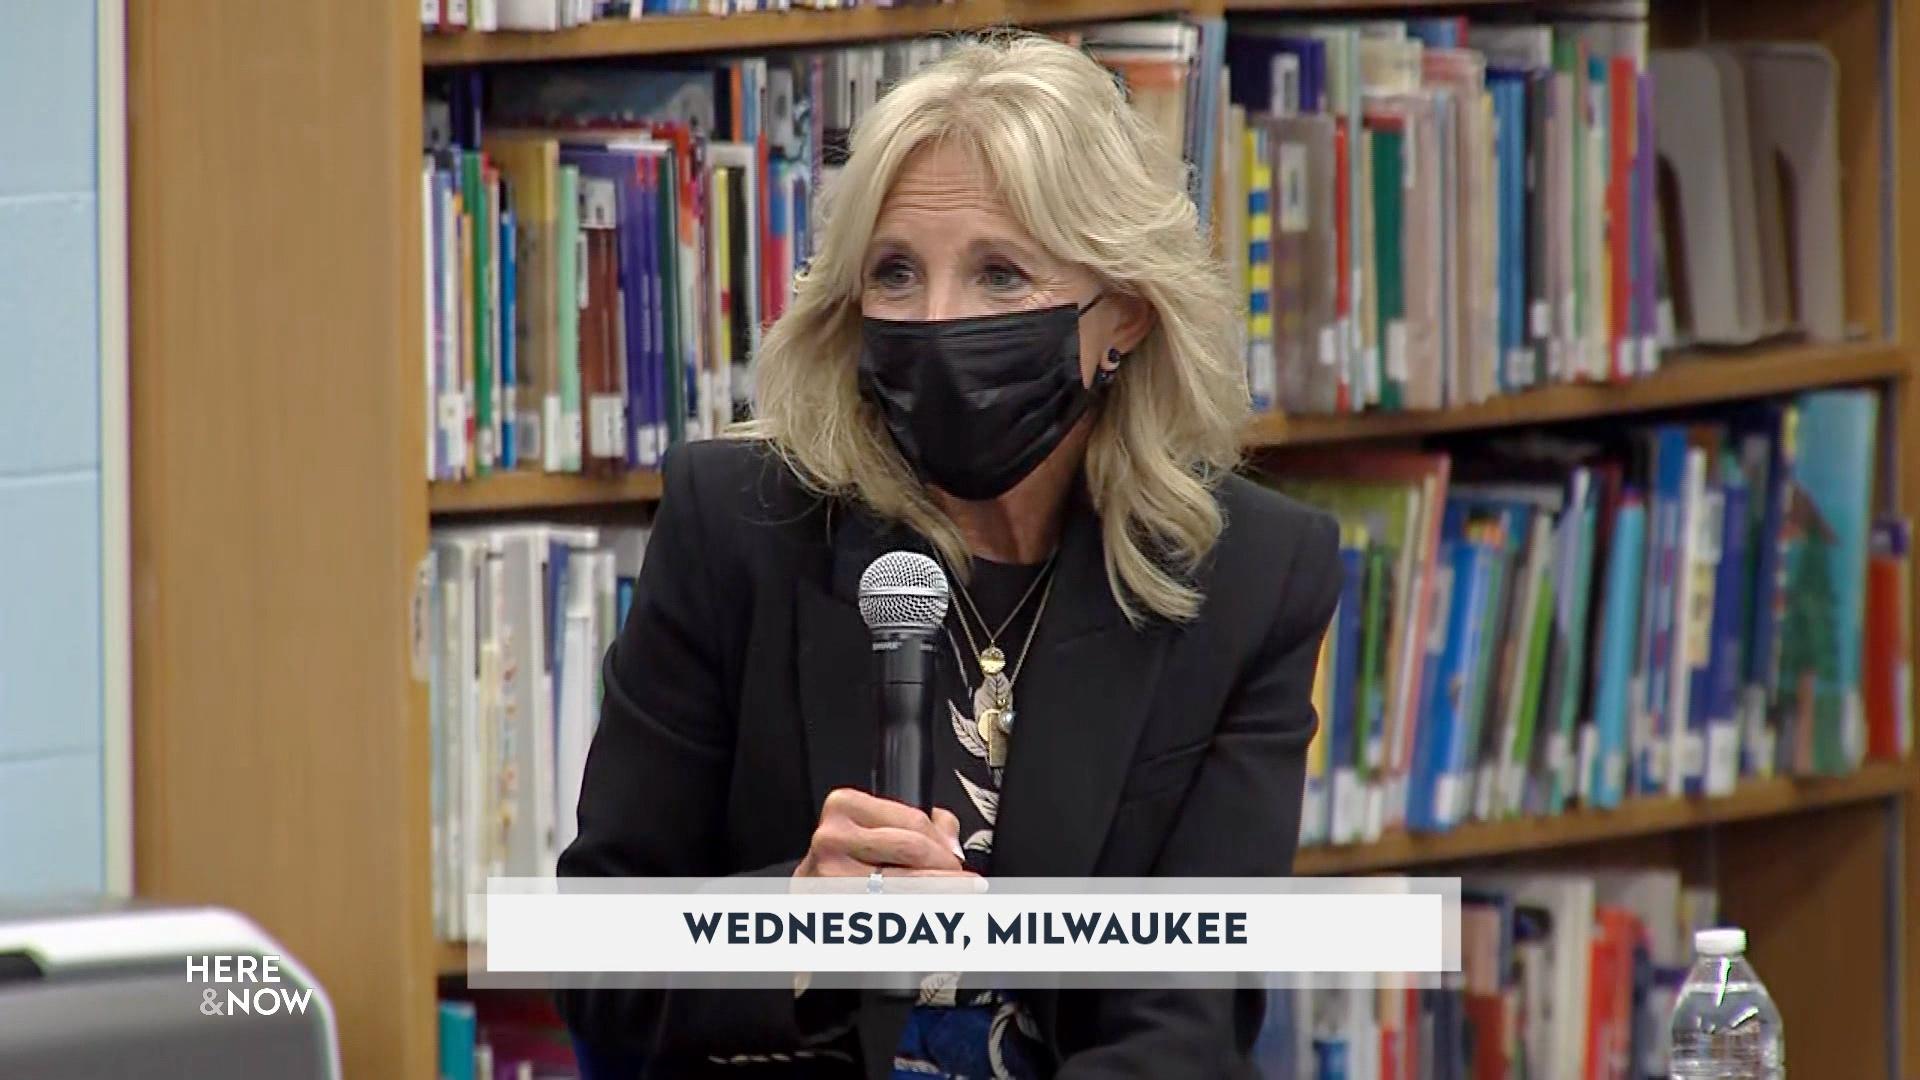 First Lady Jill Biden Visits Milwaukee School